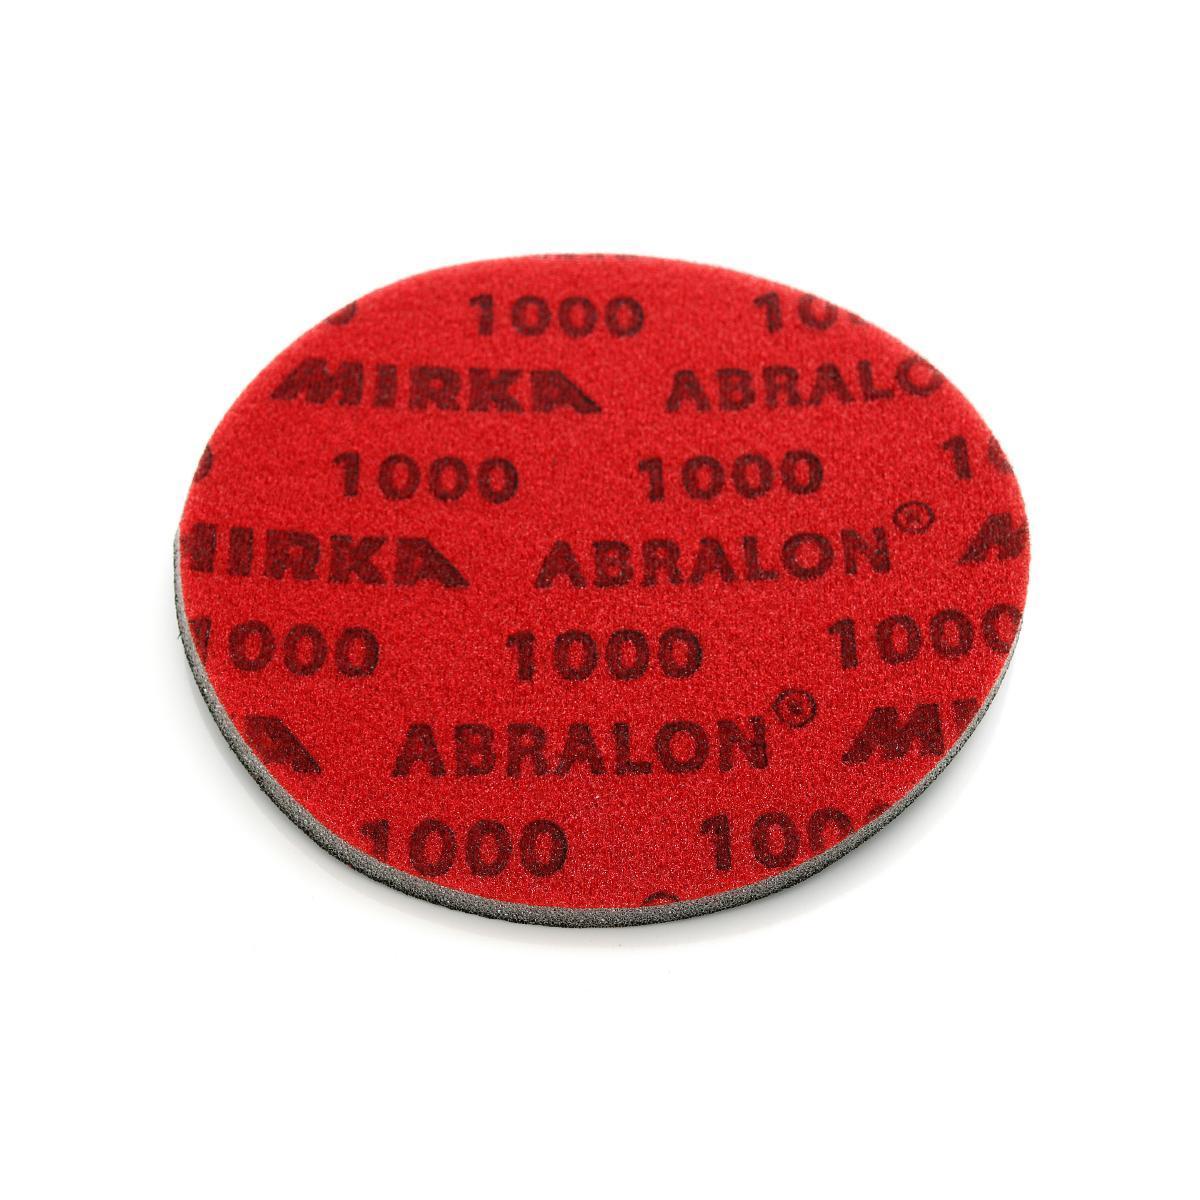 Mirka Abralon